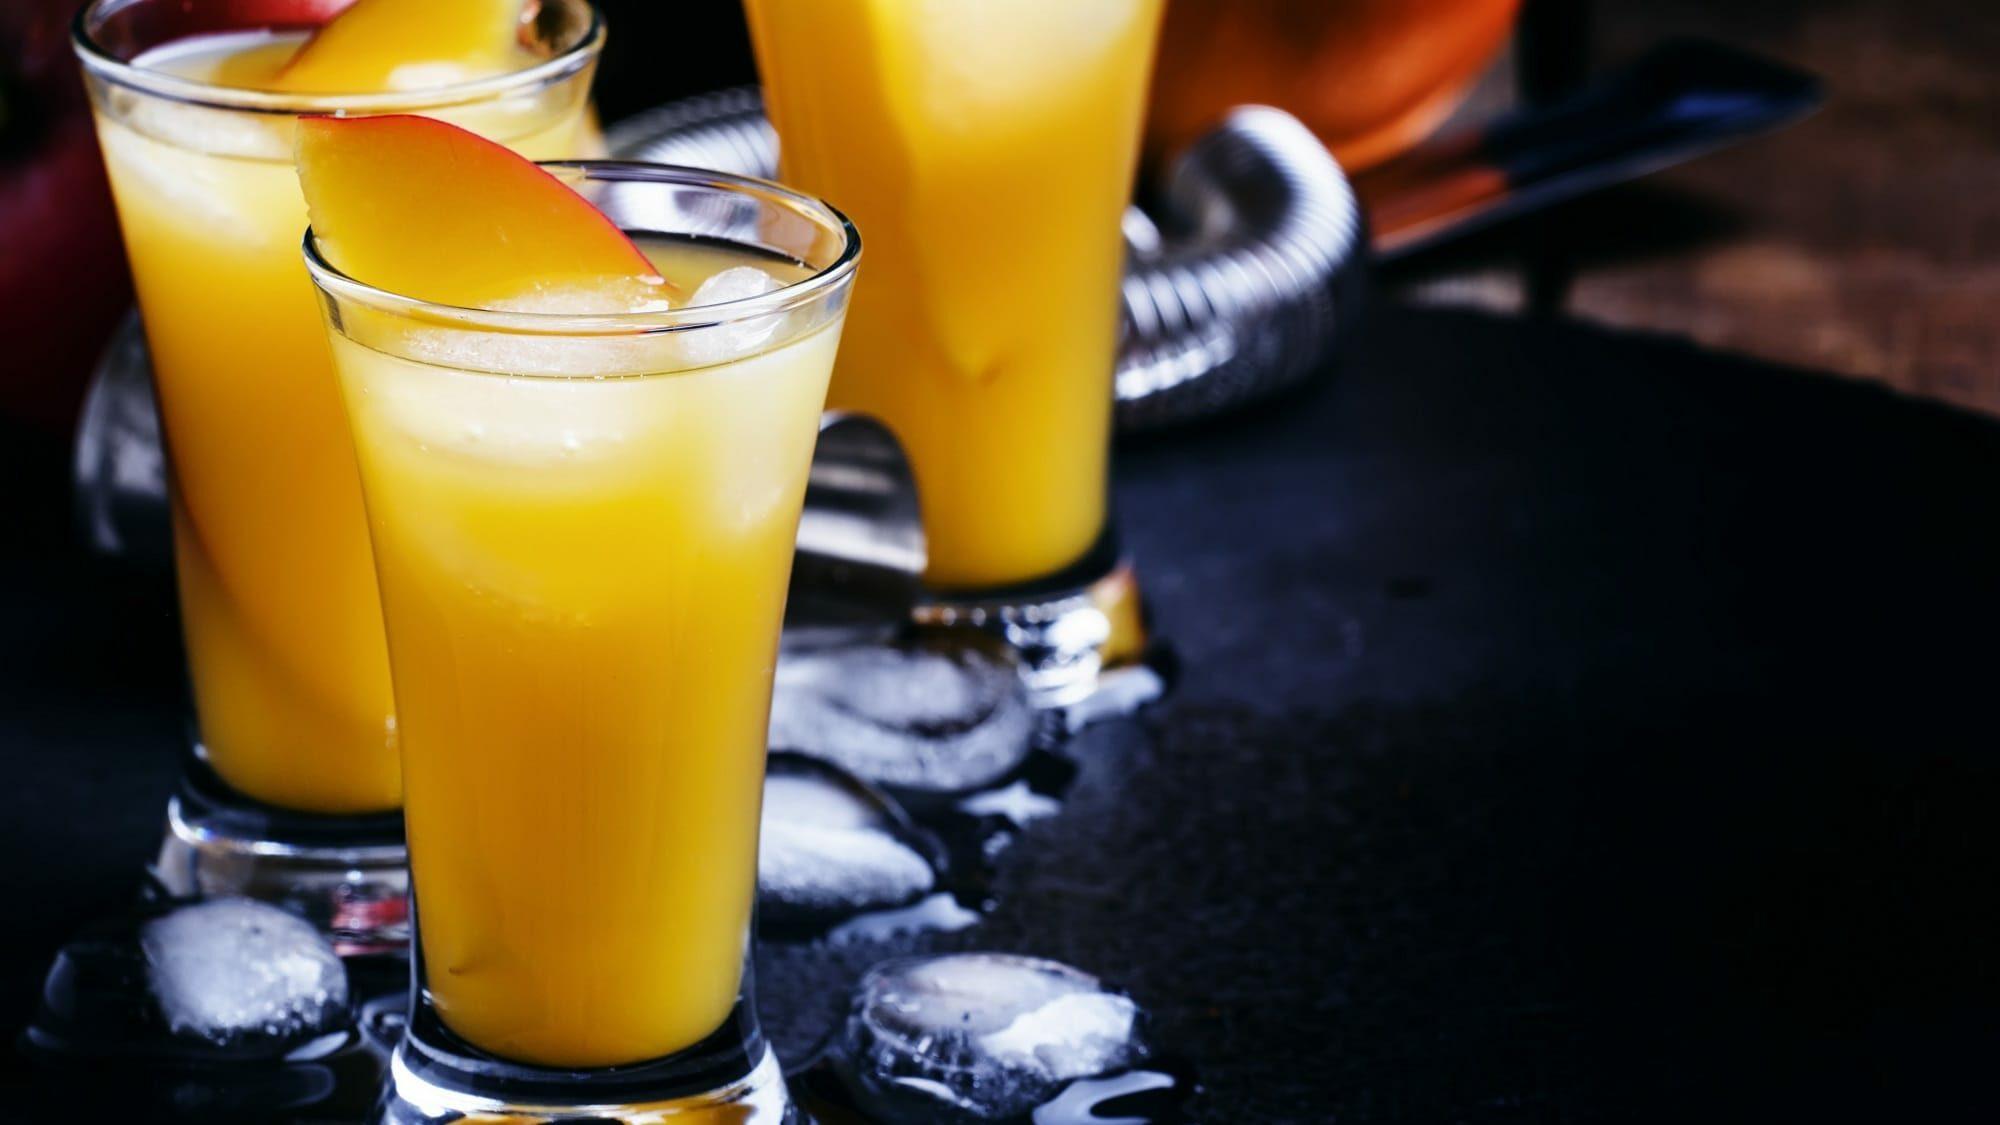 Solero-Drink